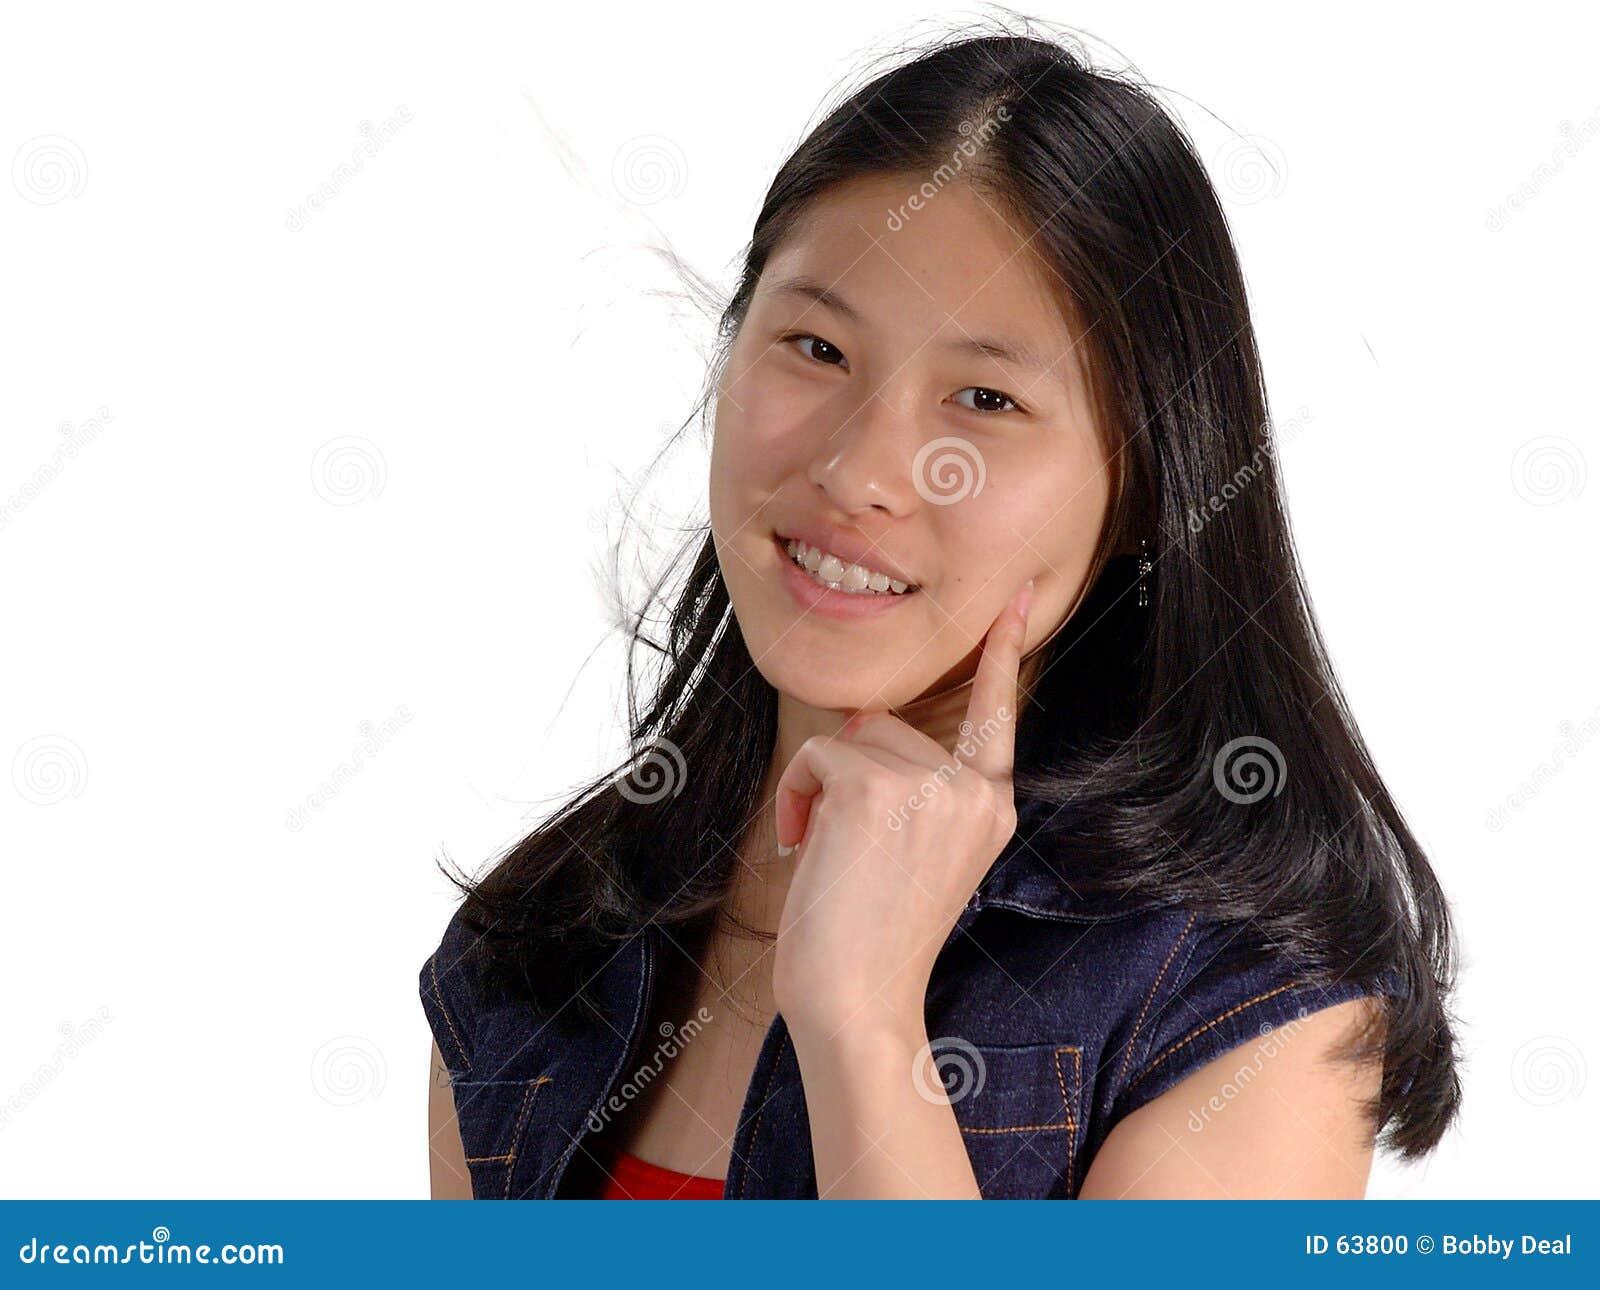 Download Expressions, Fille Effrontée Photo stock - Image du fille, regarder: 63800